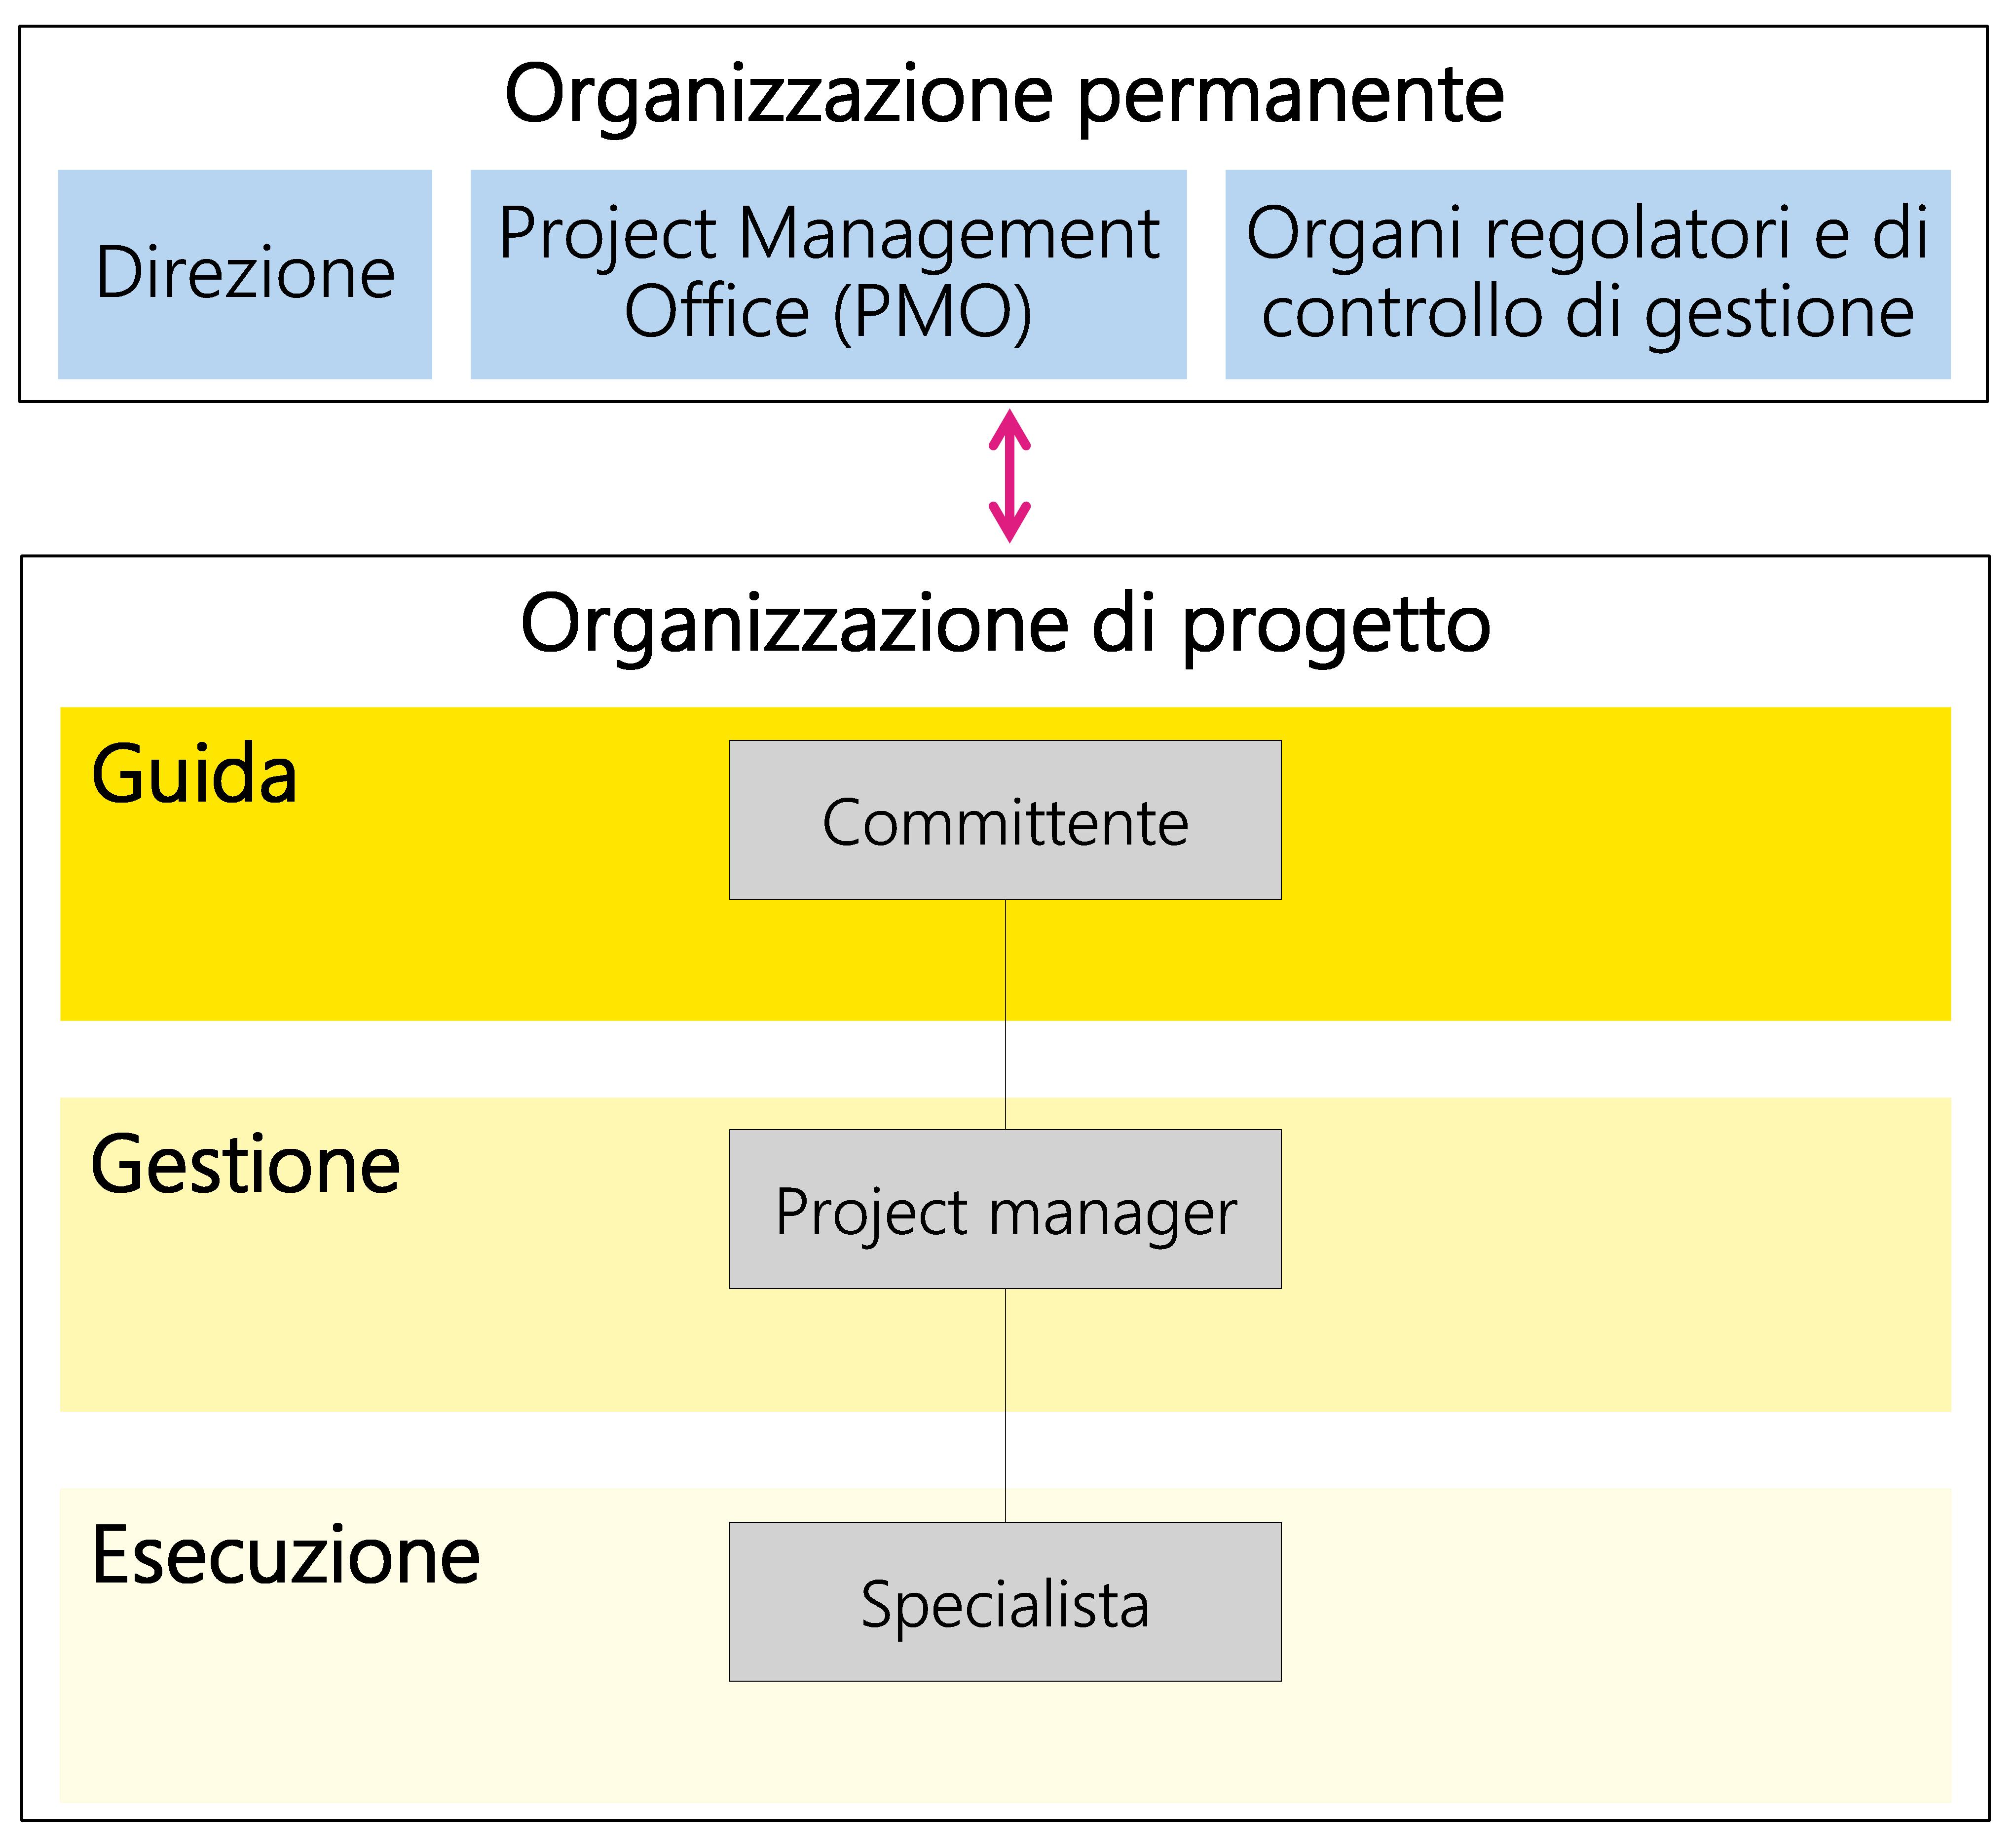 Figura 21: Esempio di organizzazione di progetto minima